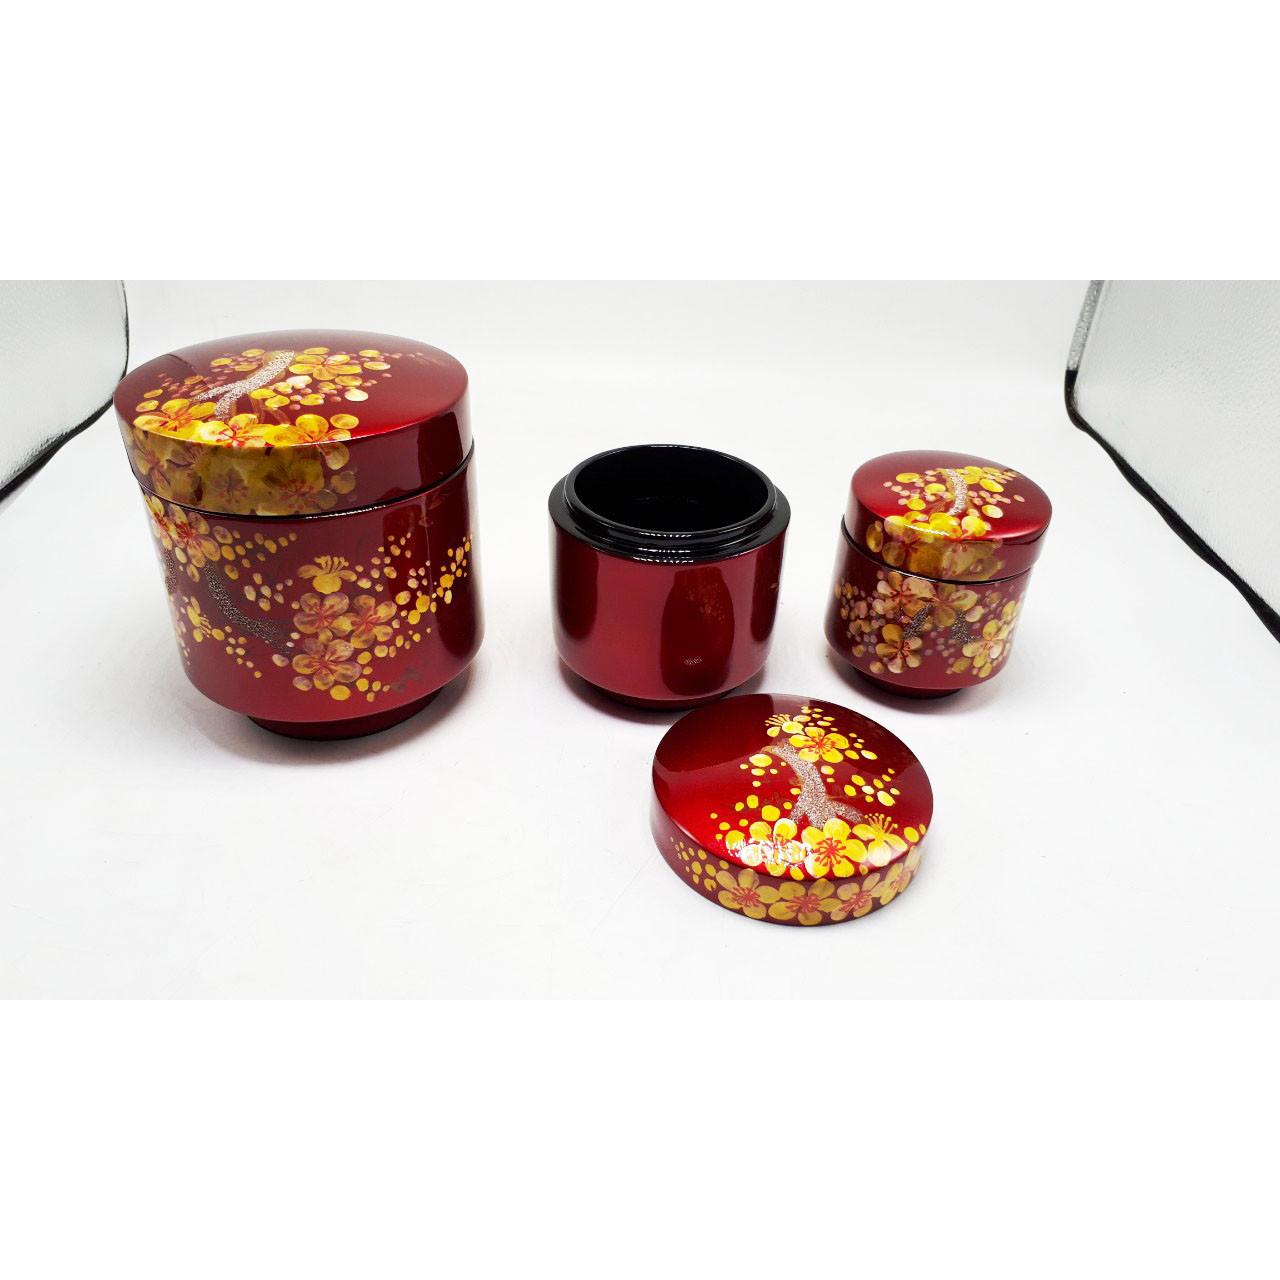 Bộ 3 hũ kẹo - quà tết vẽ hoa mai MNV-SMTT06